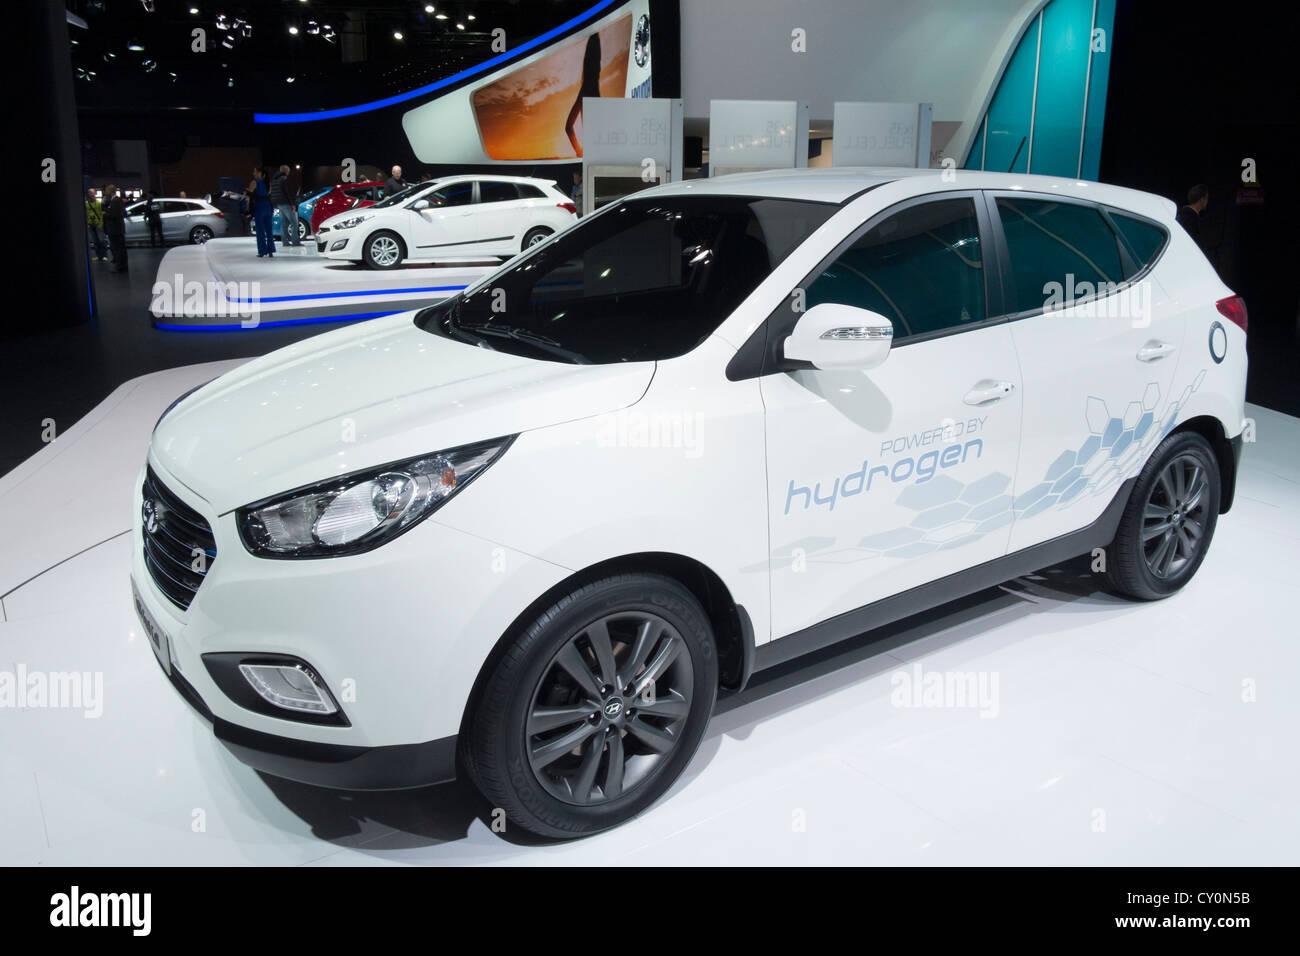 Cella a combustibile idrogeno concept Hyundai ix35 auto al Motor Show di Parigi 2012 Immagini Stock